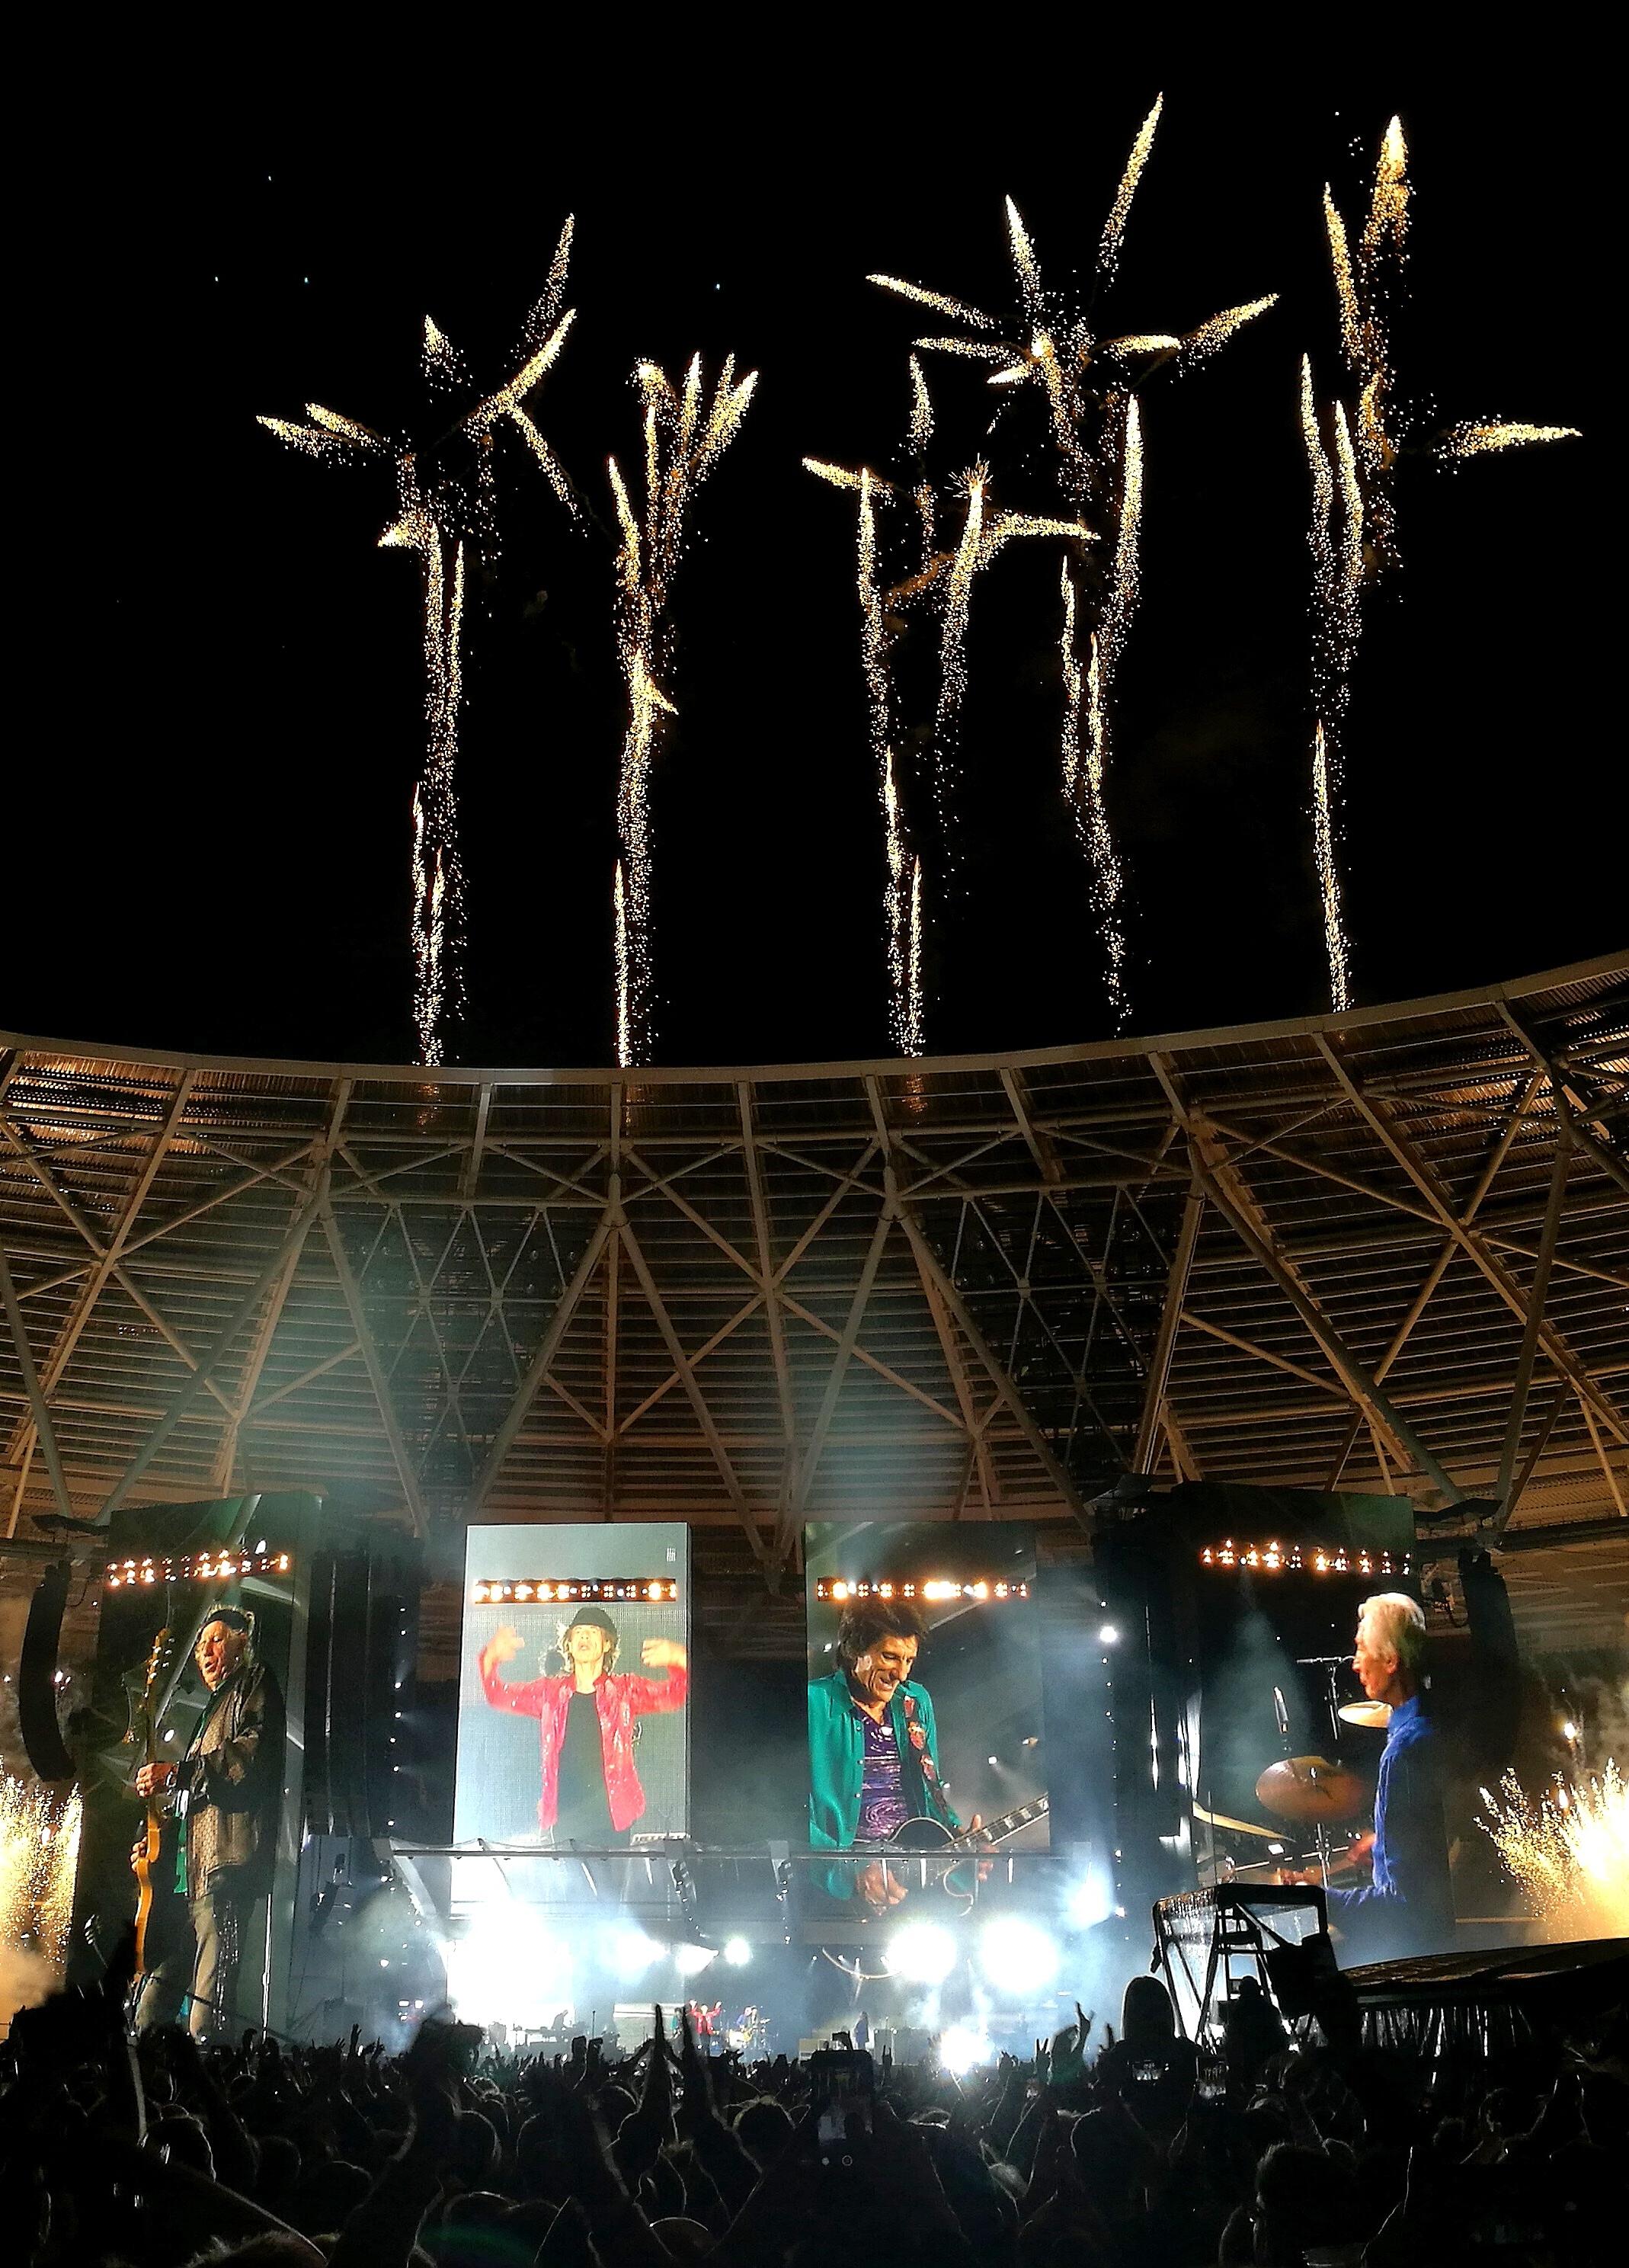 (Said) Fireworks